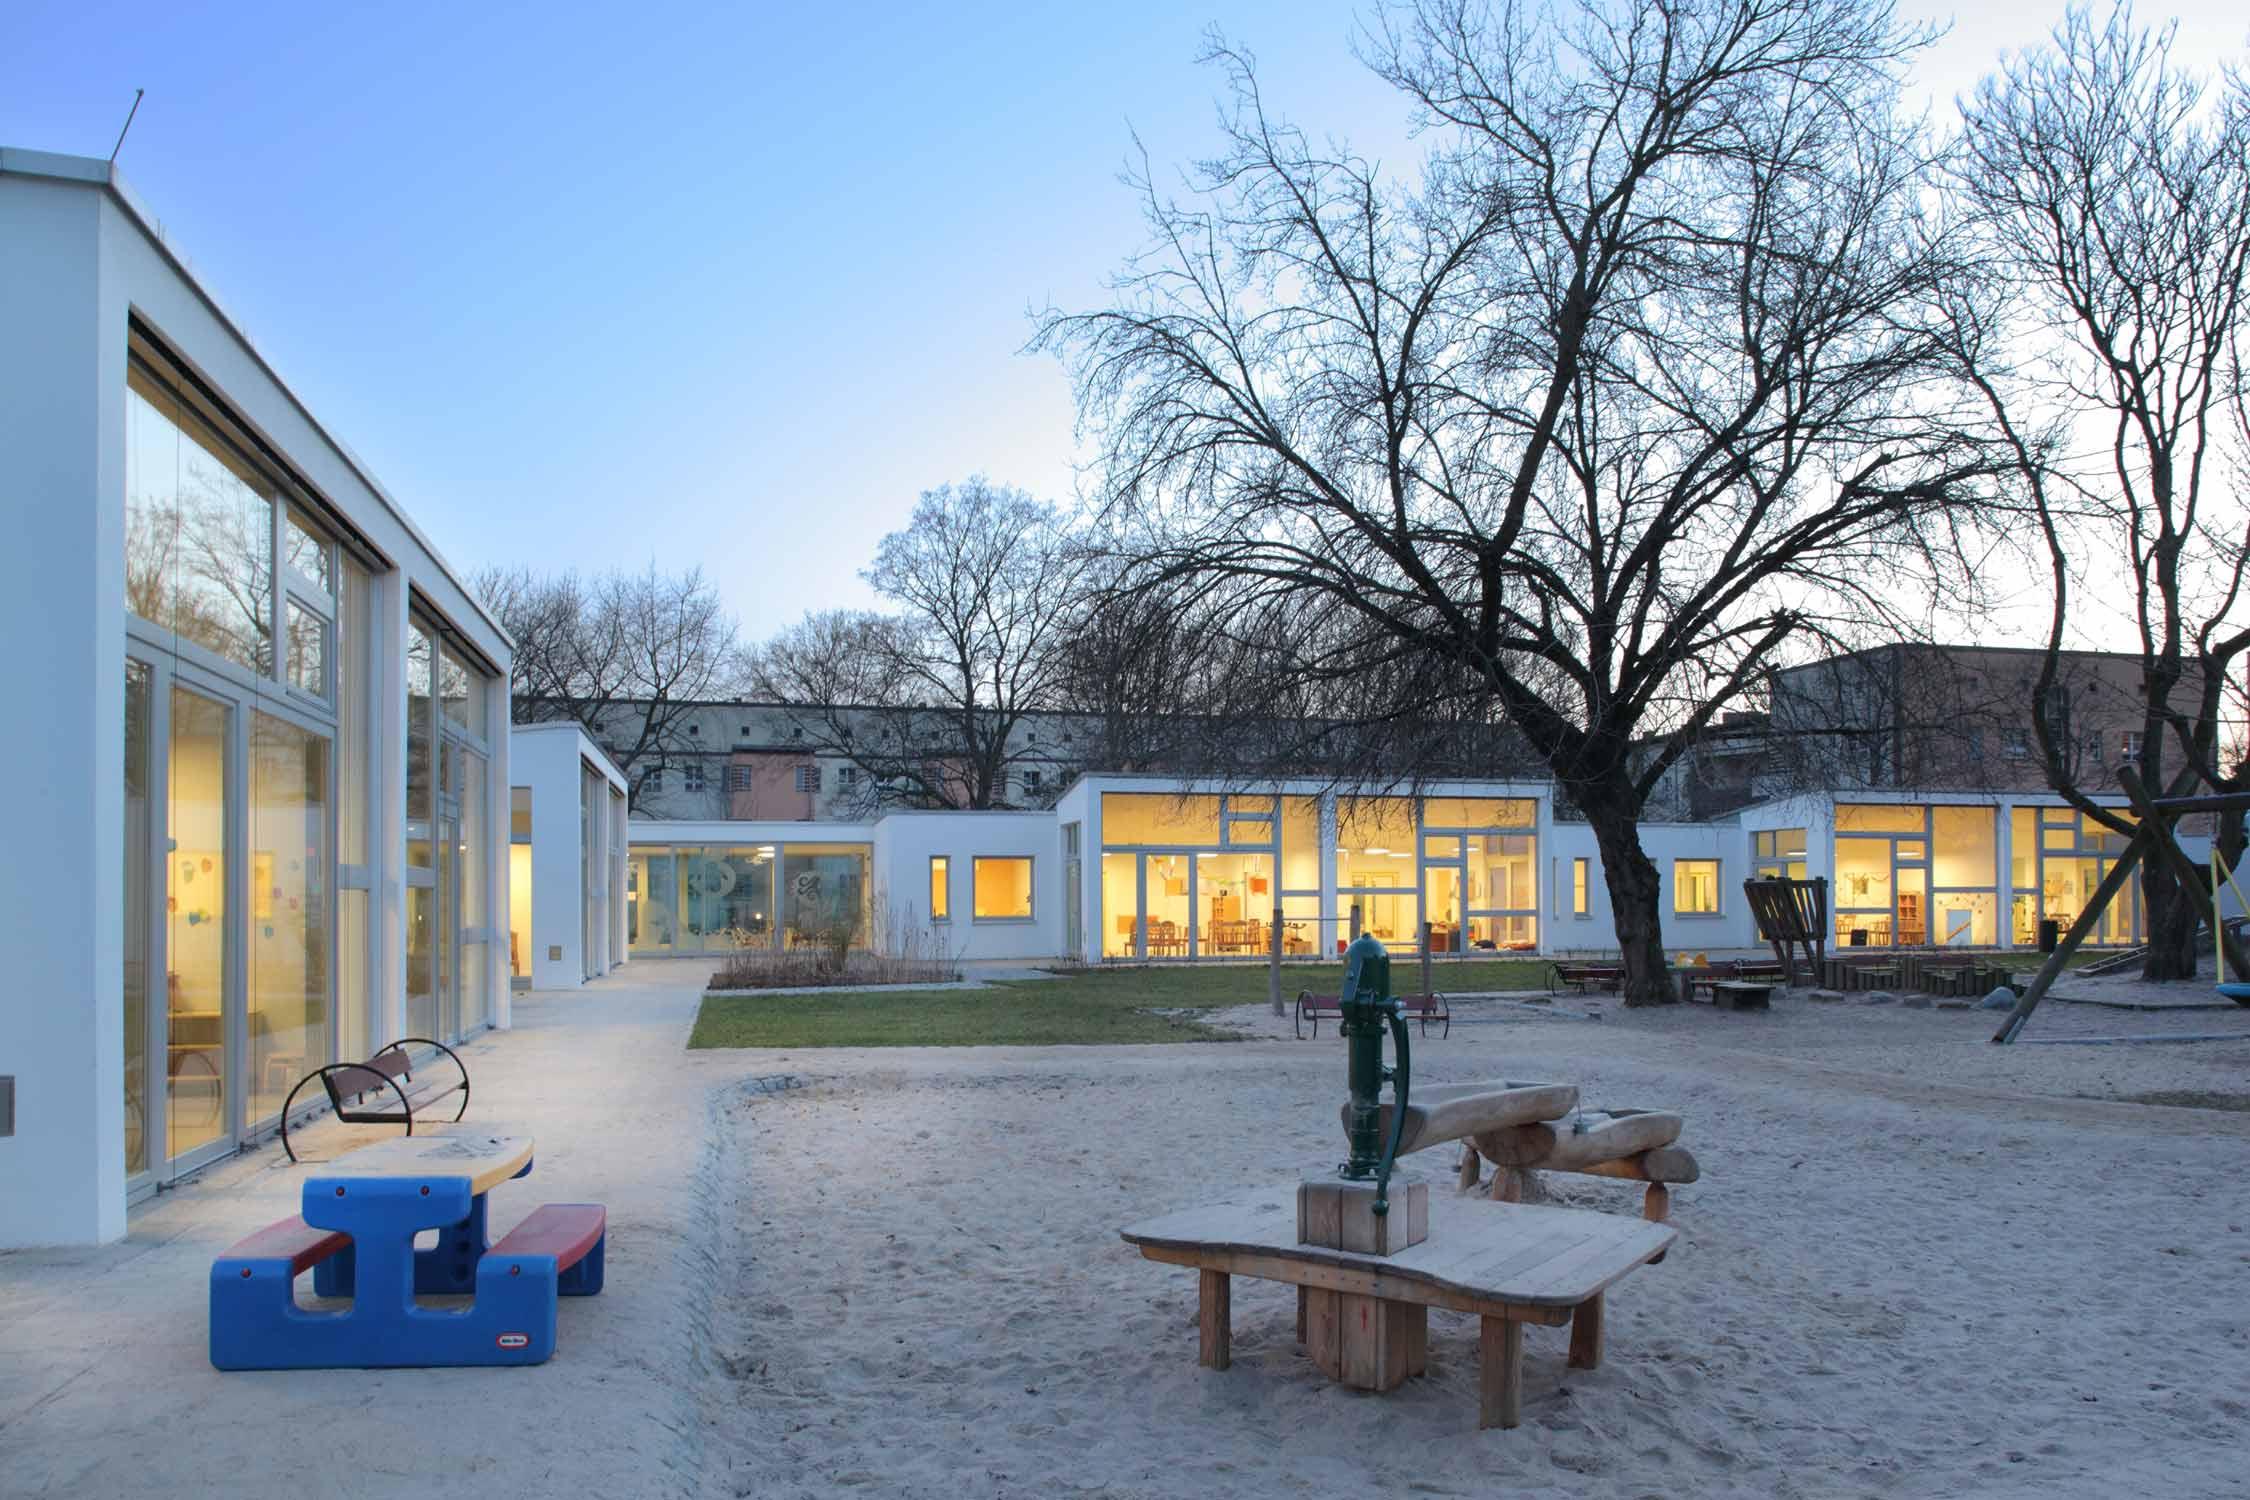 kita lichtenzwerge berlin lichtenberg anne lampen architekten architektin in berlin kreuzberg. Black Bedroom Furniture Sets. Home Design Ideas